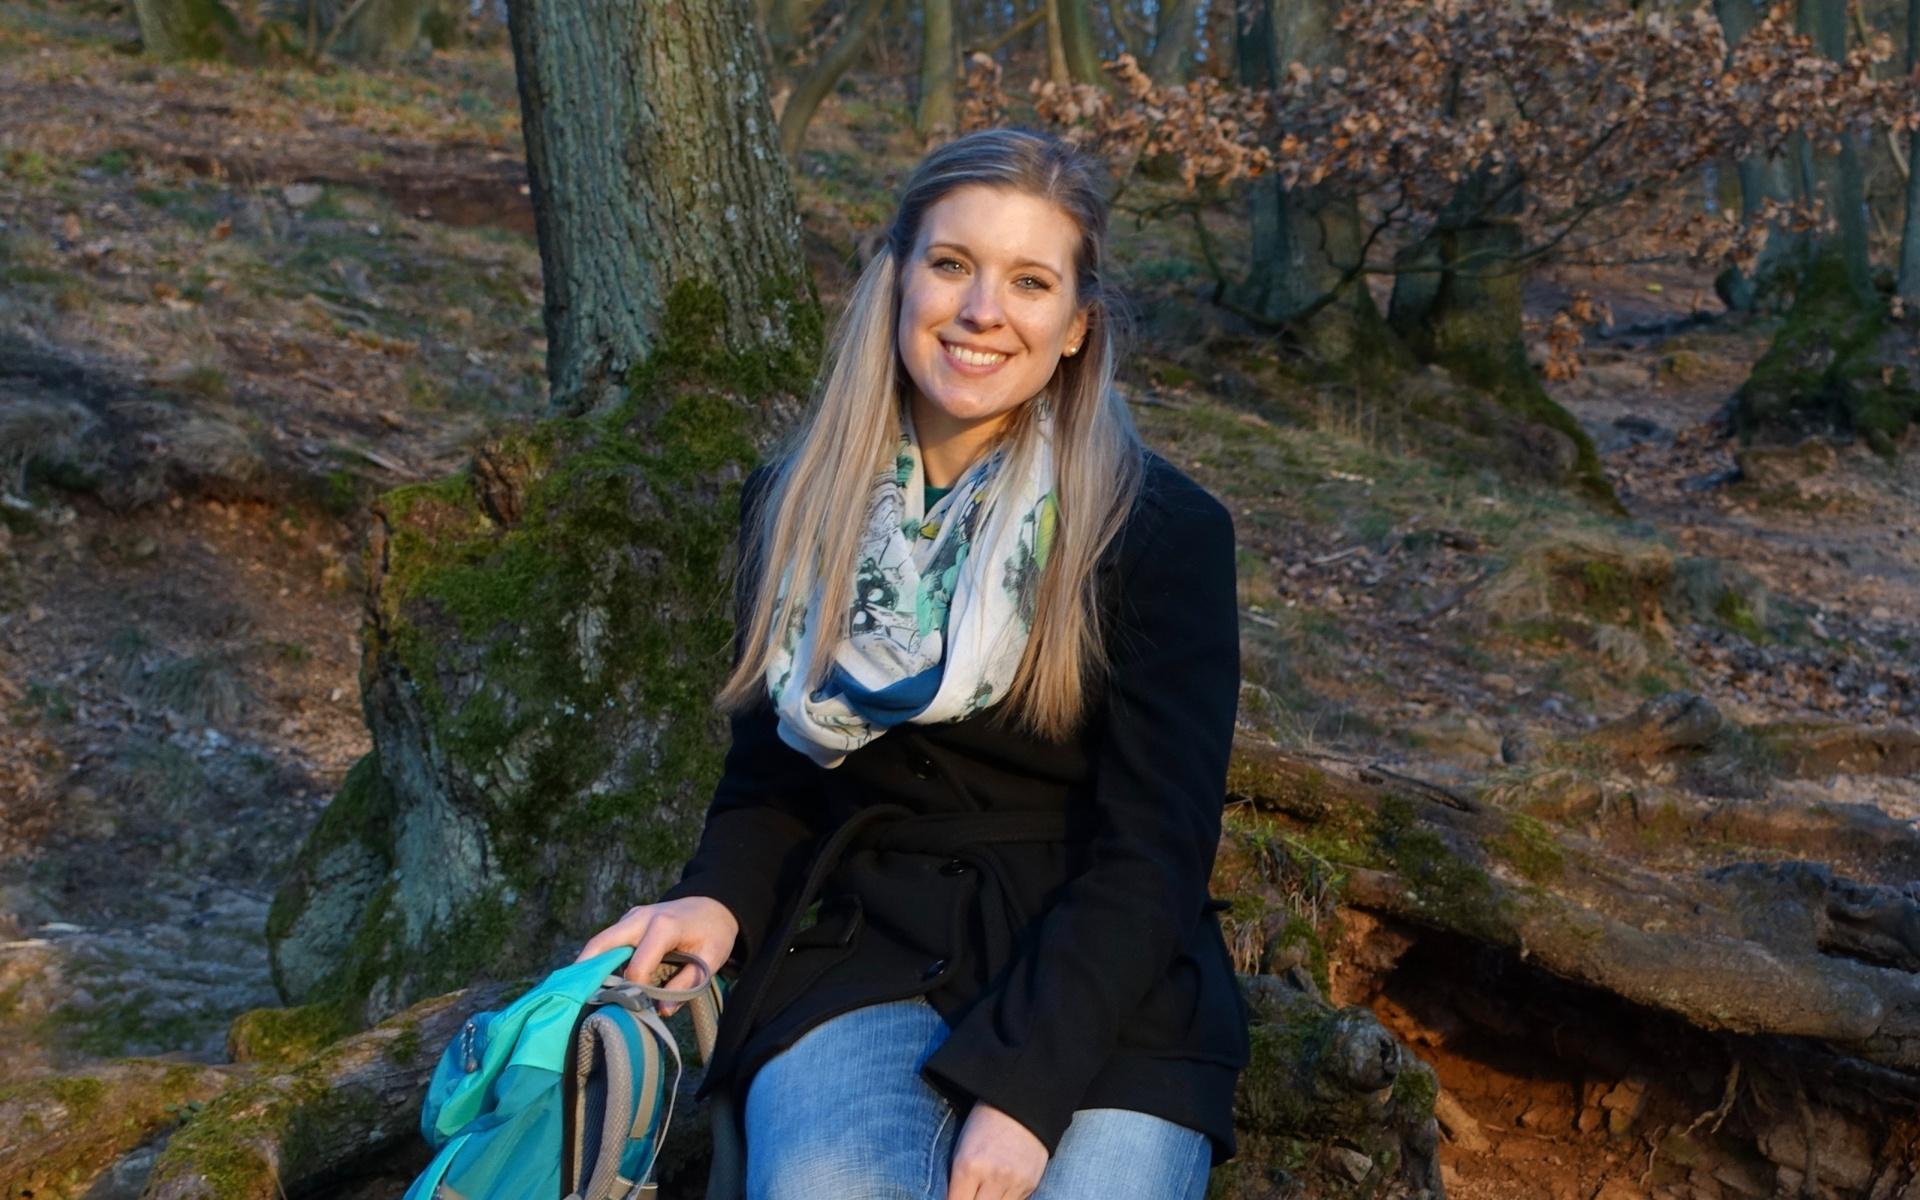 Ihre Freude am Leben hat Laura W. nicht verloren, auch wenn sie fast täglich an das Geschehen zurückdenkt.